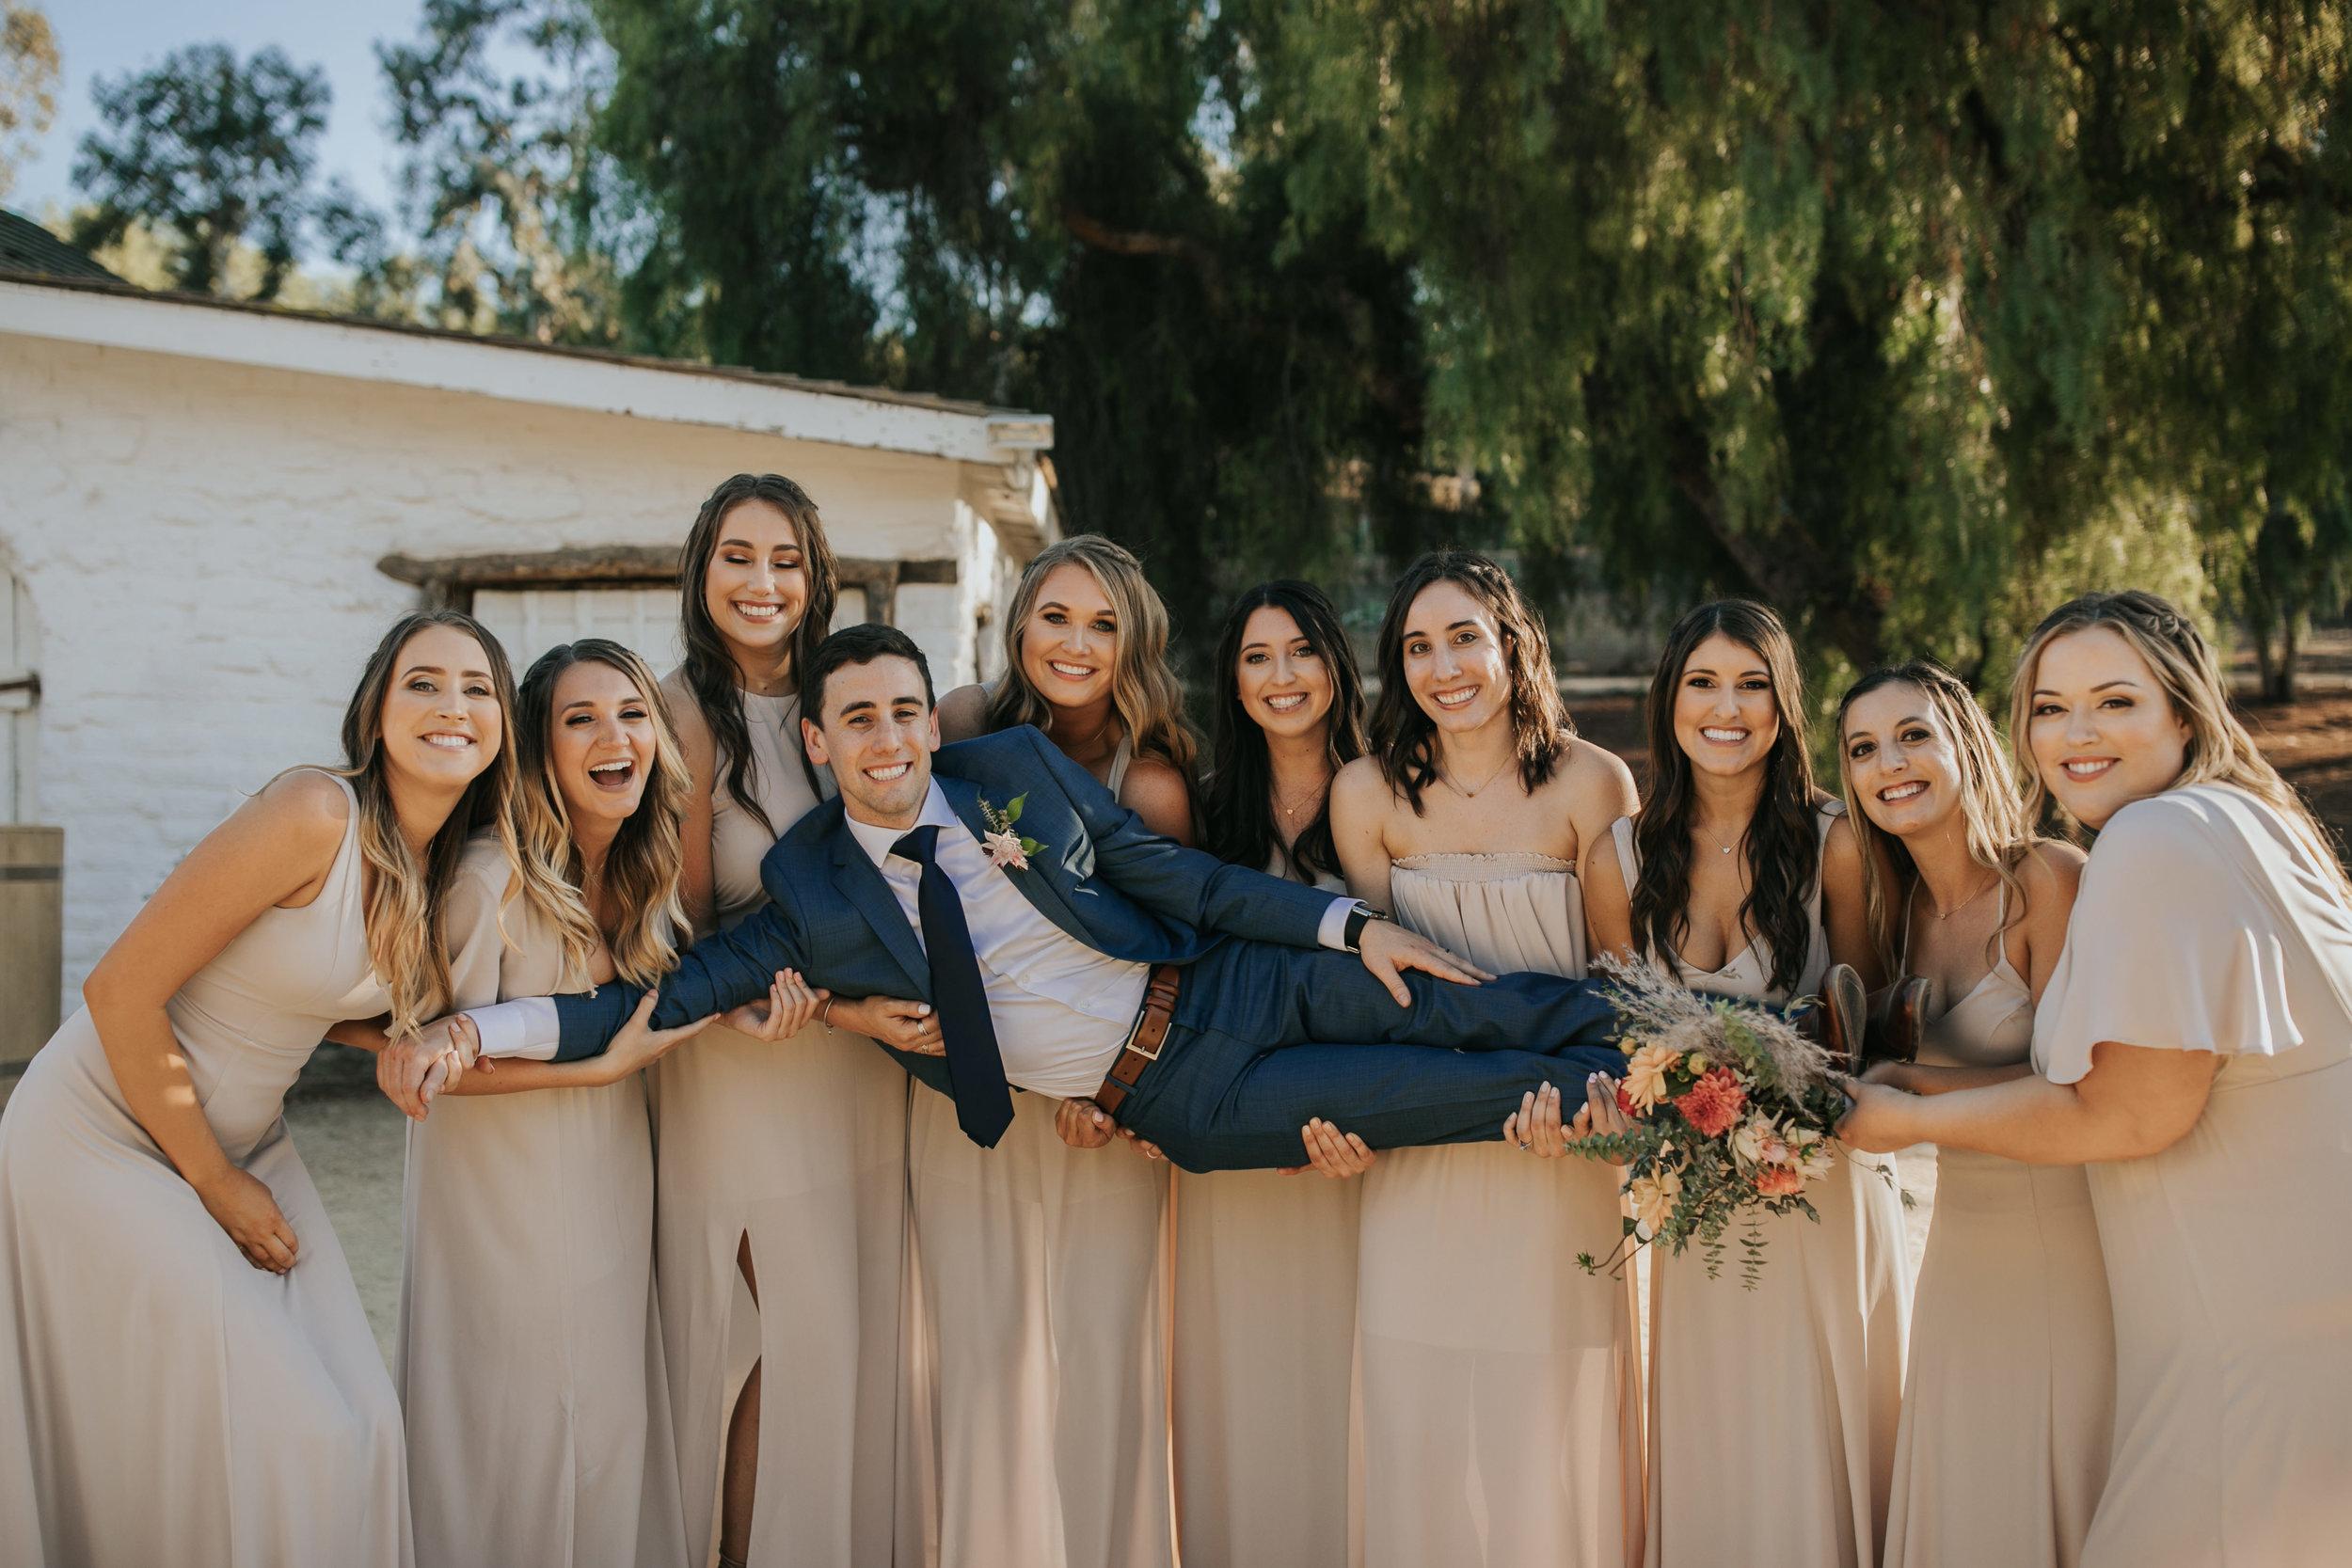 weddingparty-188.jpg